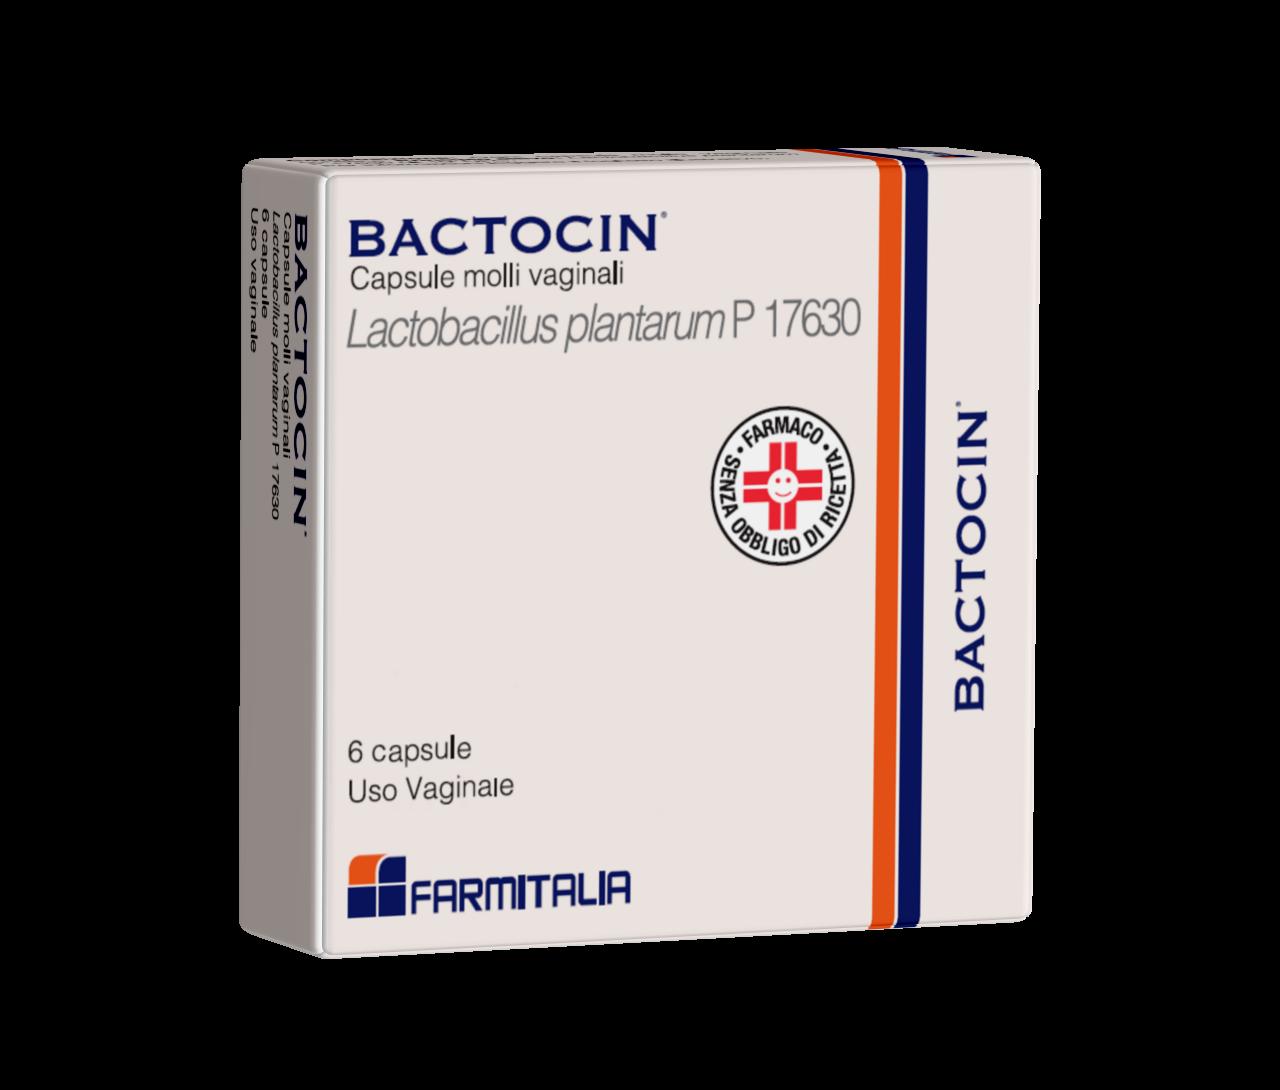 BACTOCIN*6CPS VAG MOLLI 3G - Farmacia Castel del Monte